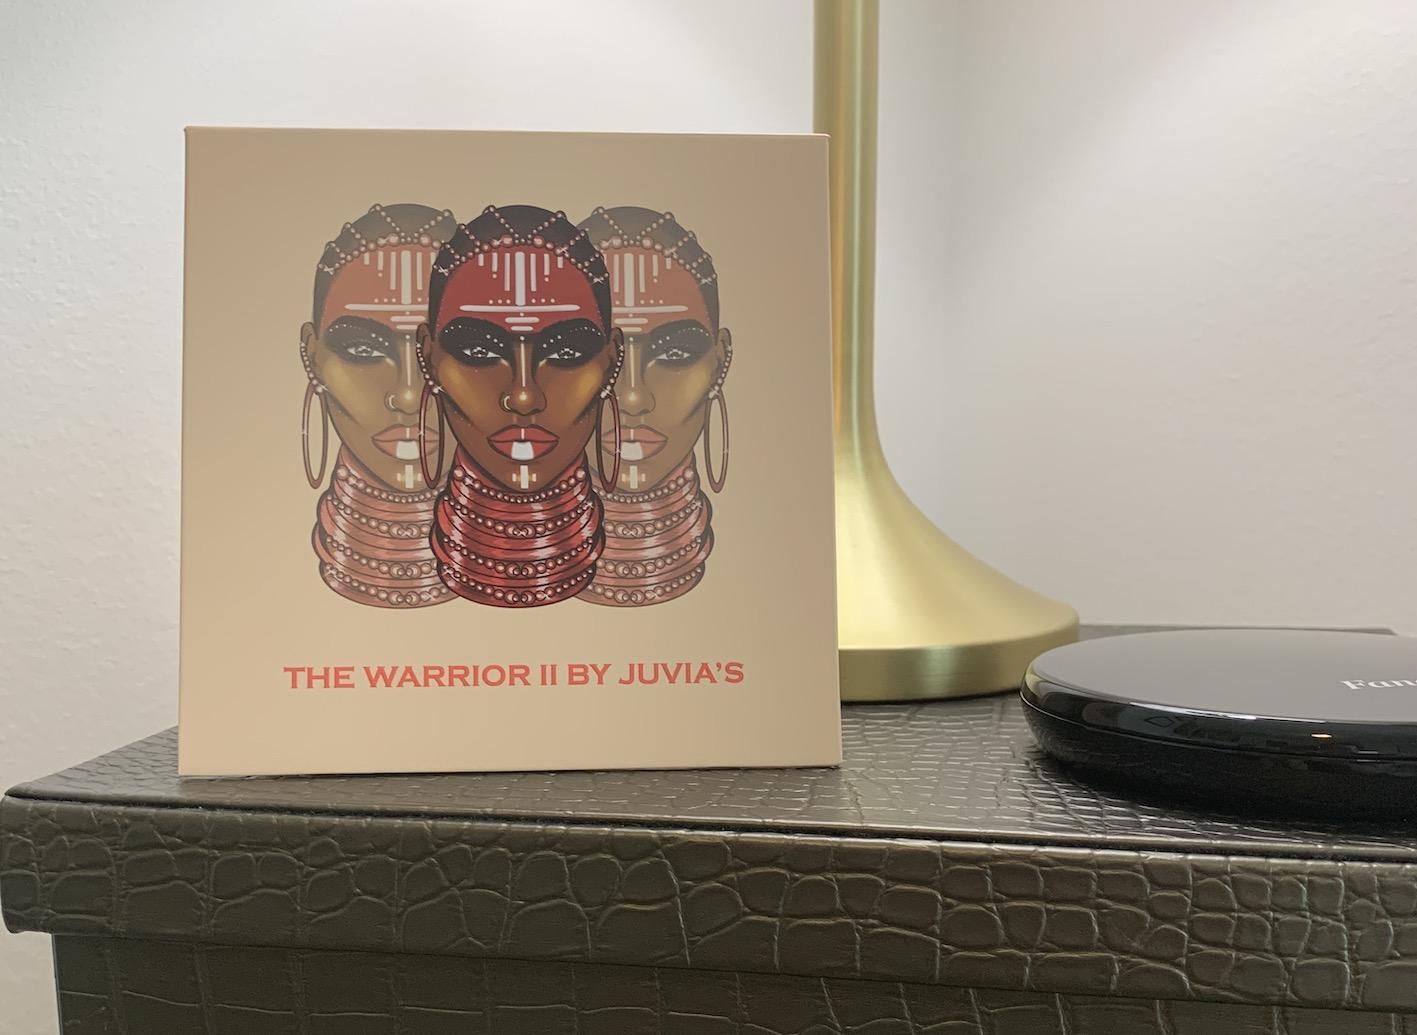 Juvia's Place The Warrior 2 Eyeshadow Palette Swatches on Medium Dark Skin woc